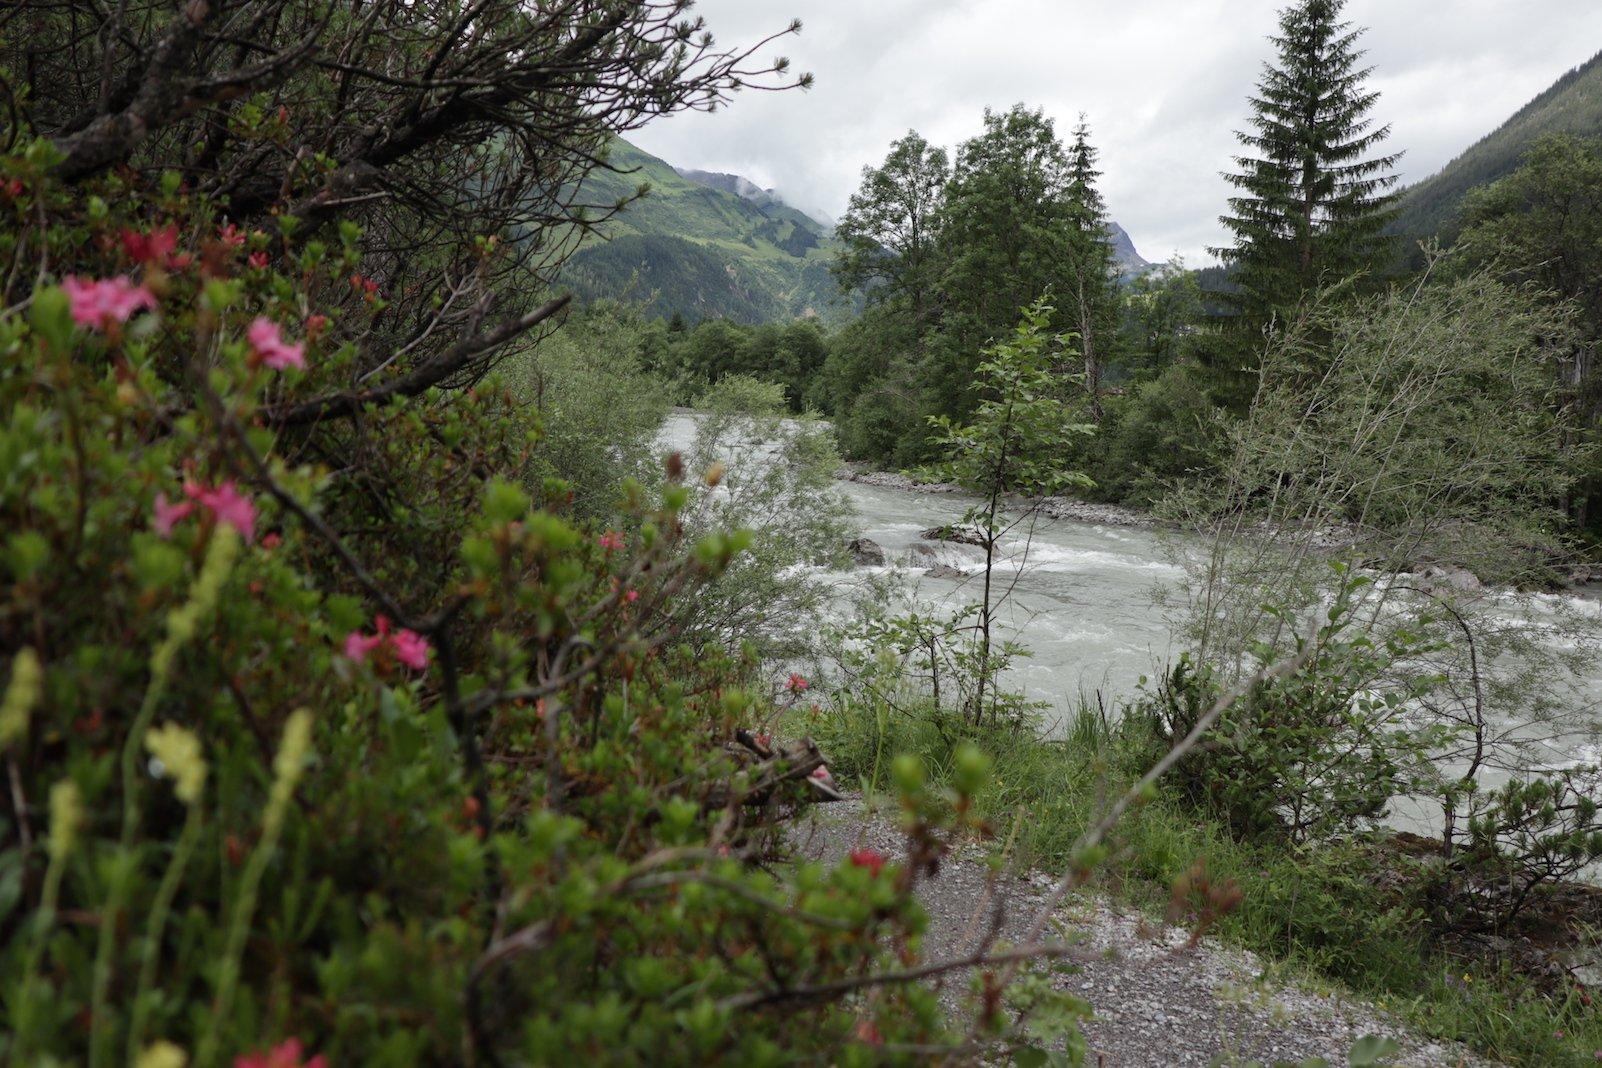 Erster Versuch mit der Alpenrose und dem Lech im Hintergrund: Blende weit auf, Fokus auf Lech